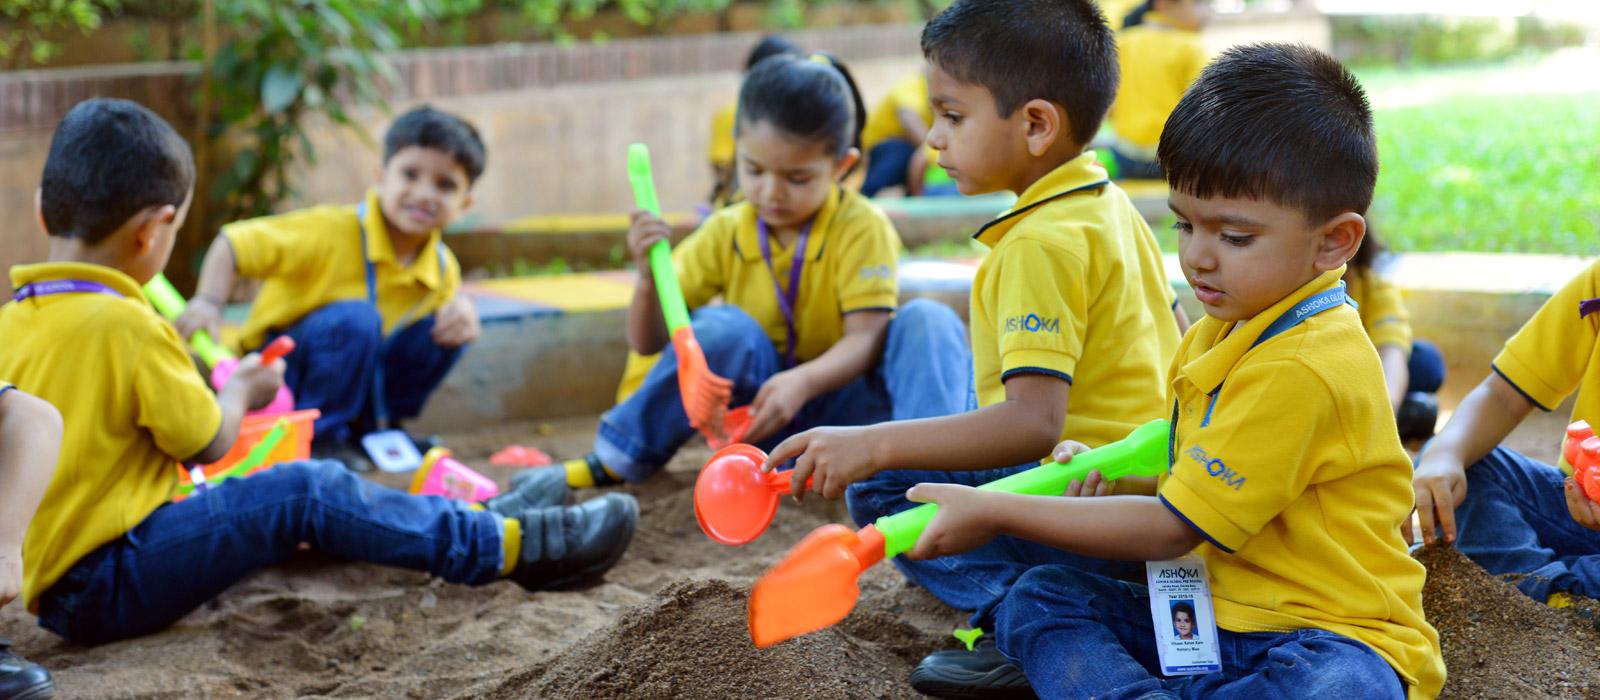 playing with nature at ashoka preschool